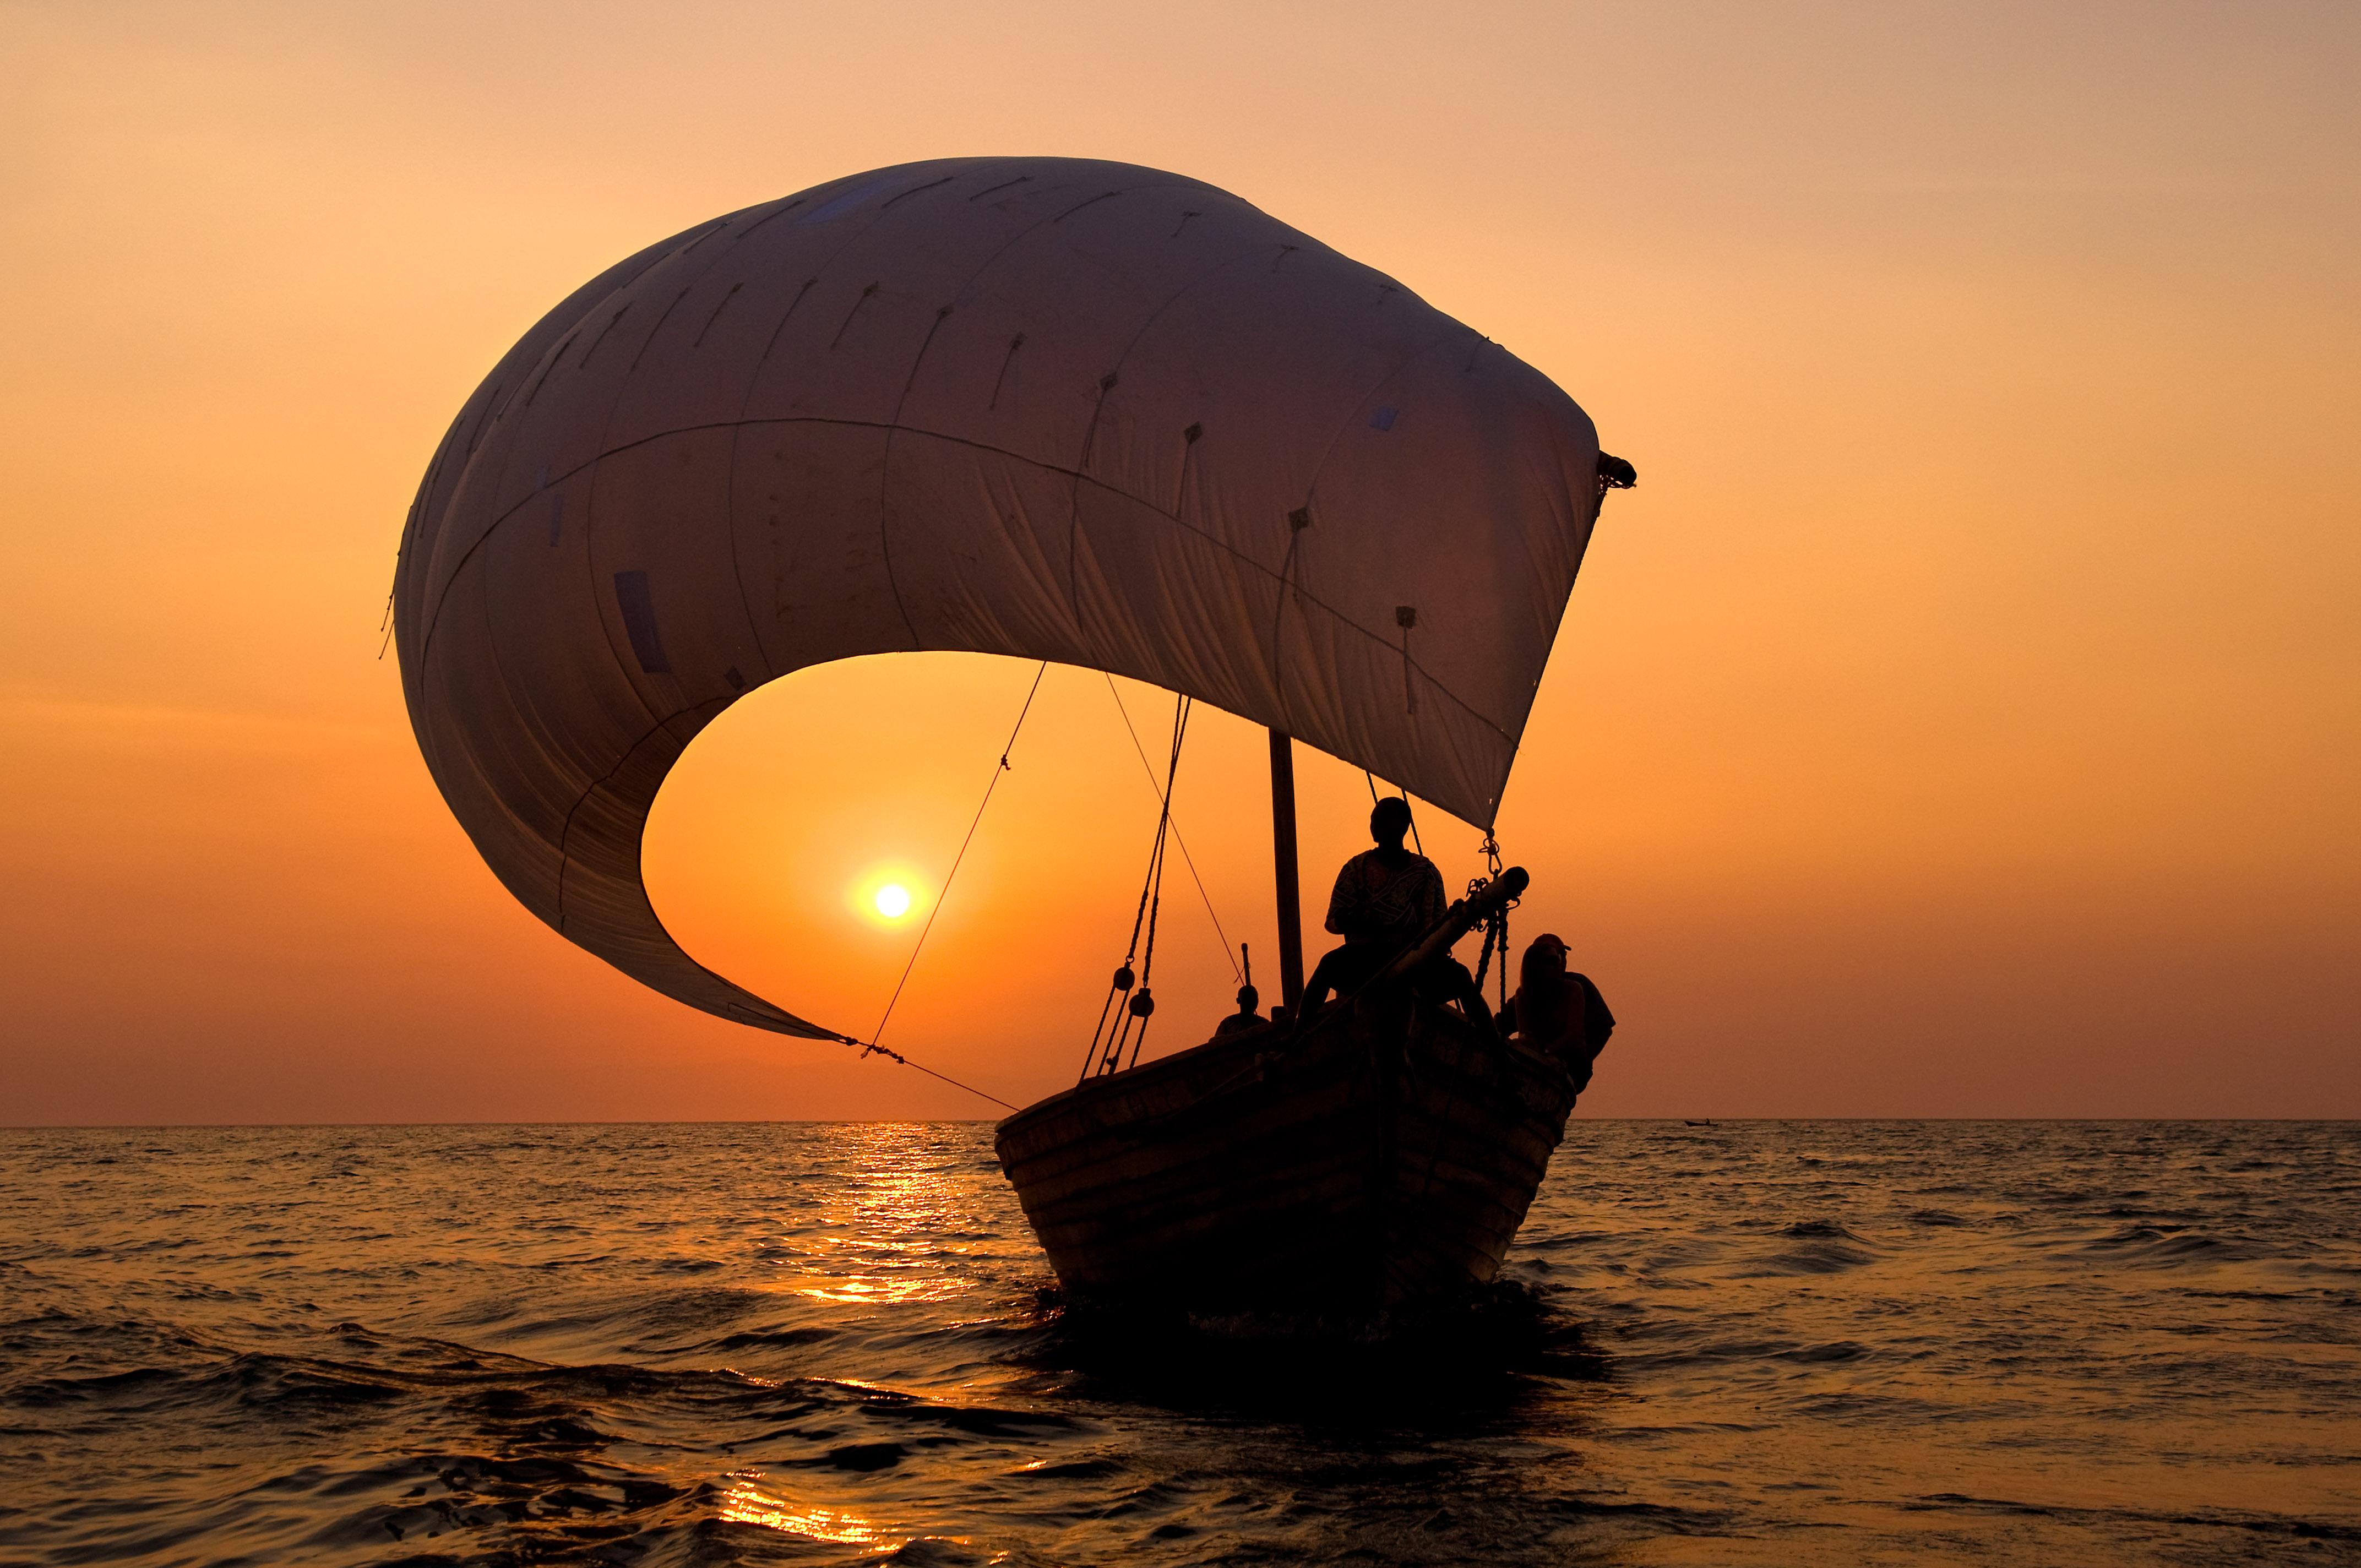 Pumuloani Malawi Sunset Sail